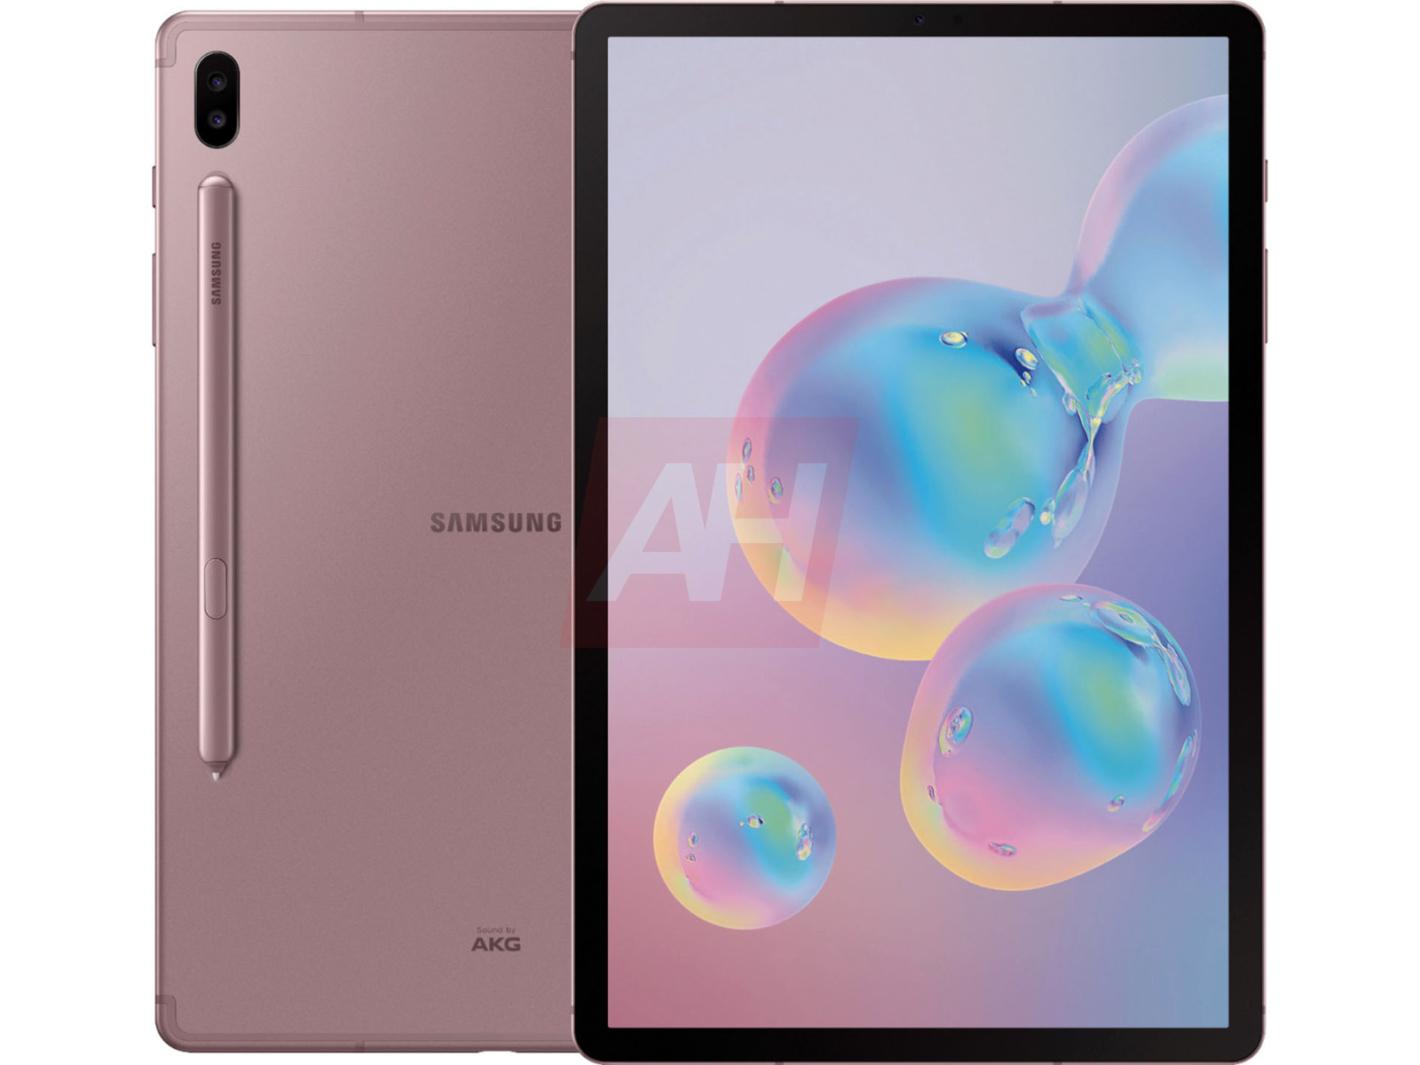 Sim Karte Für Tablet.Galaxy Tab S6 Zeigt Sich Auf Offiziellen Presserendern All About